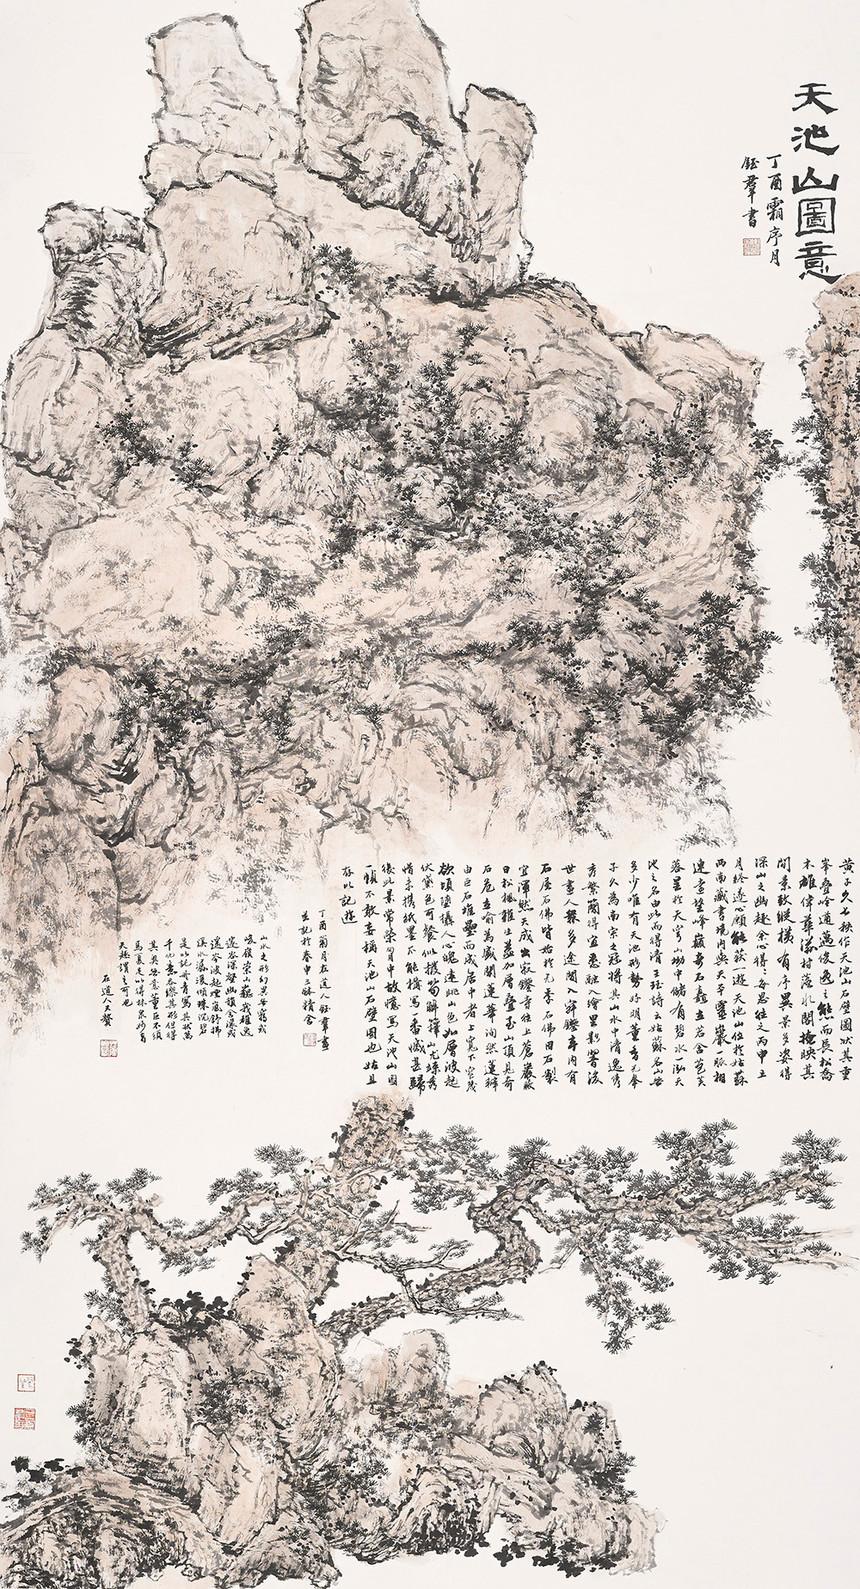 054薛依群--天池山图意.jpg